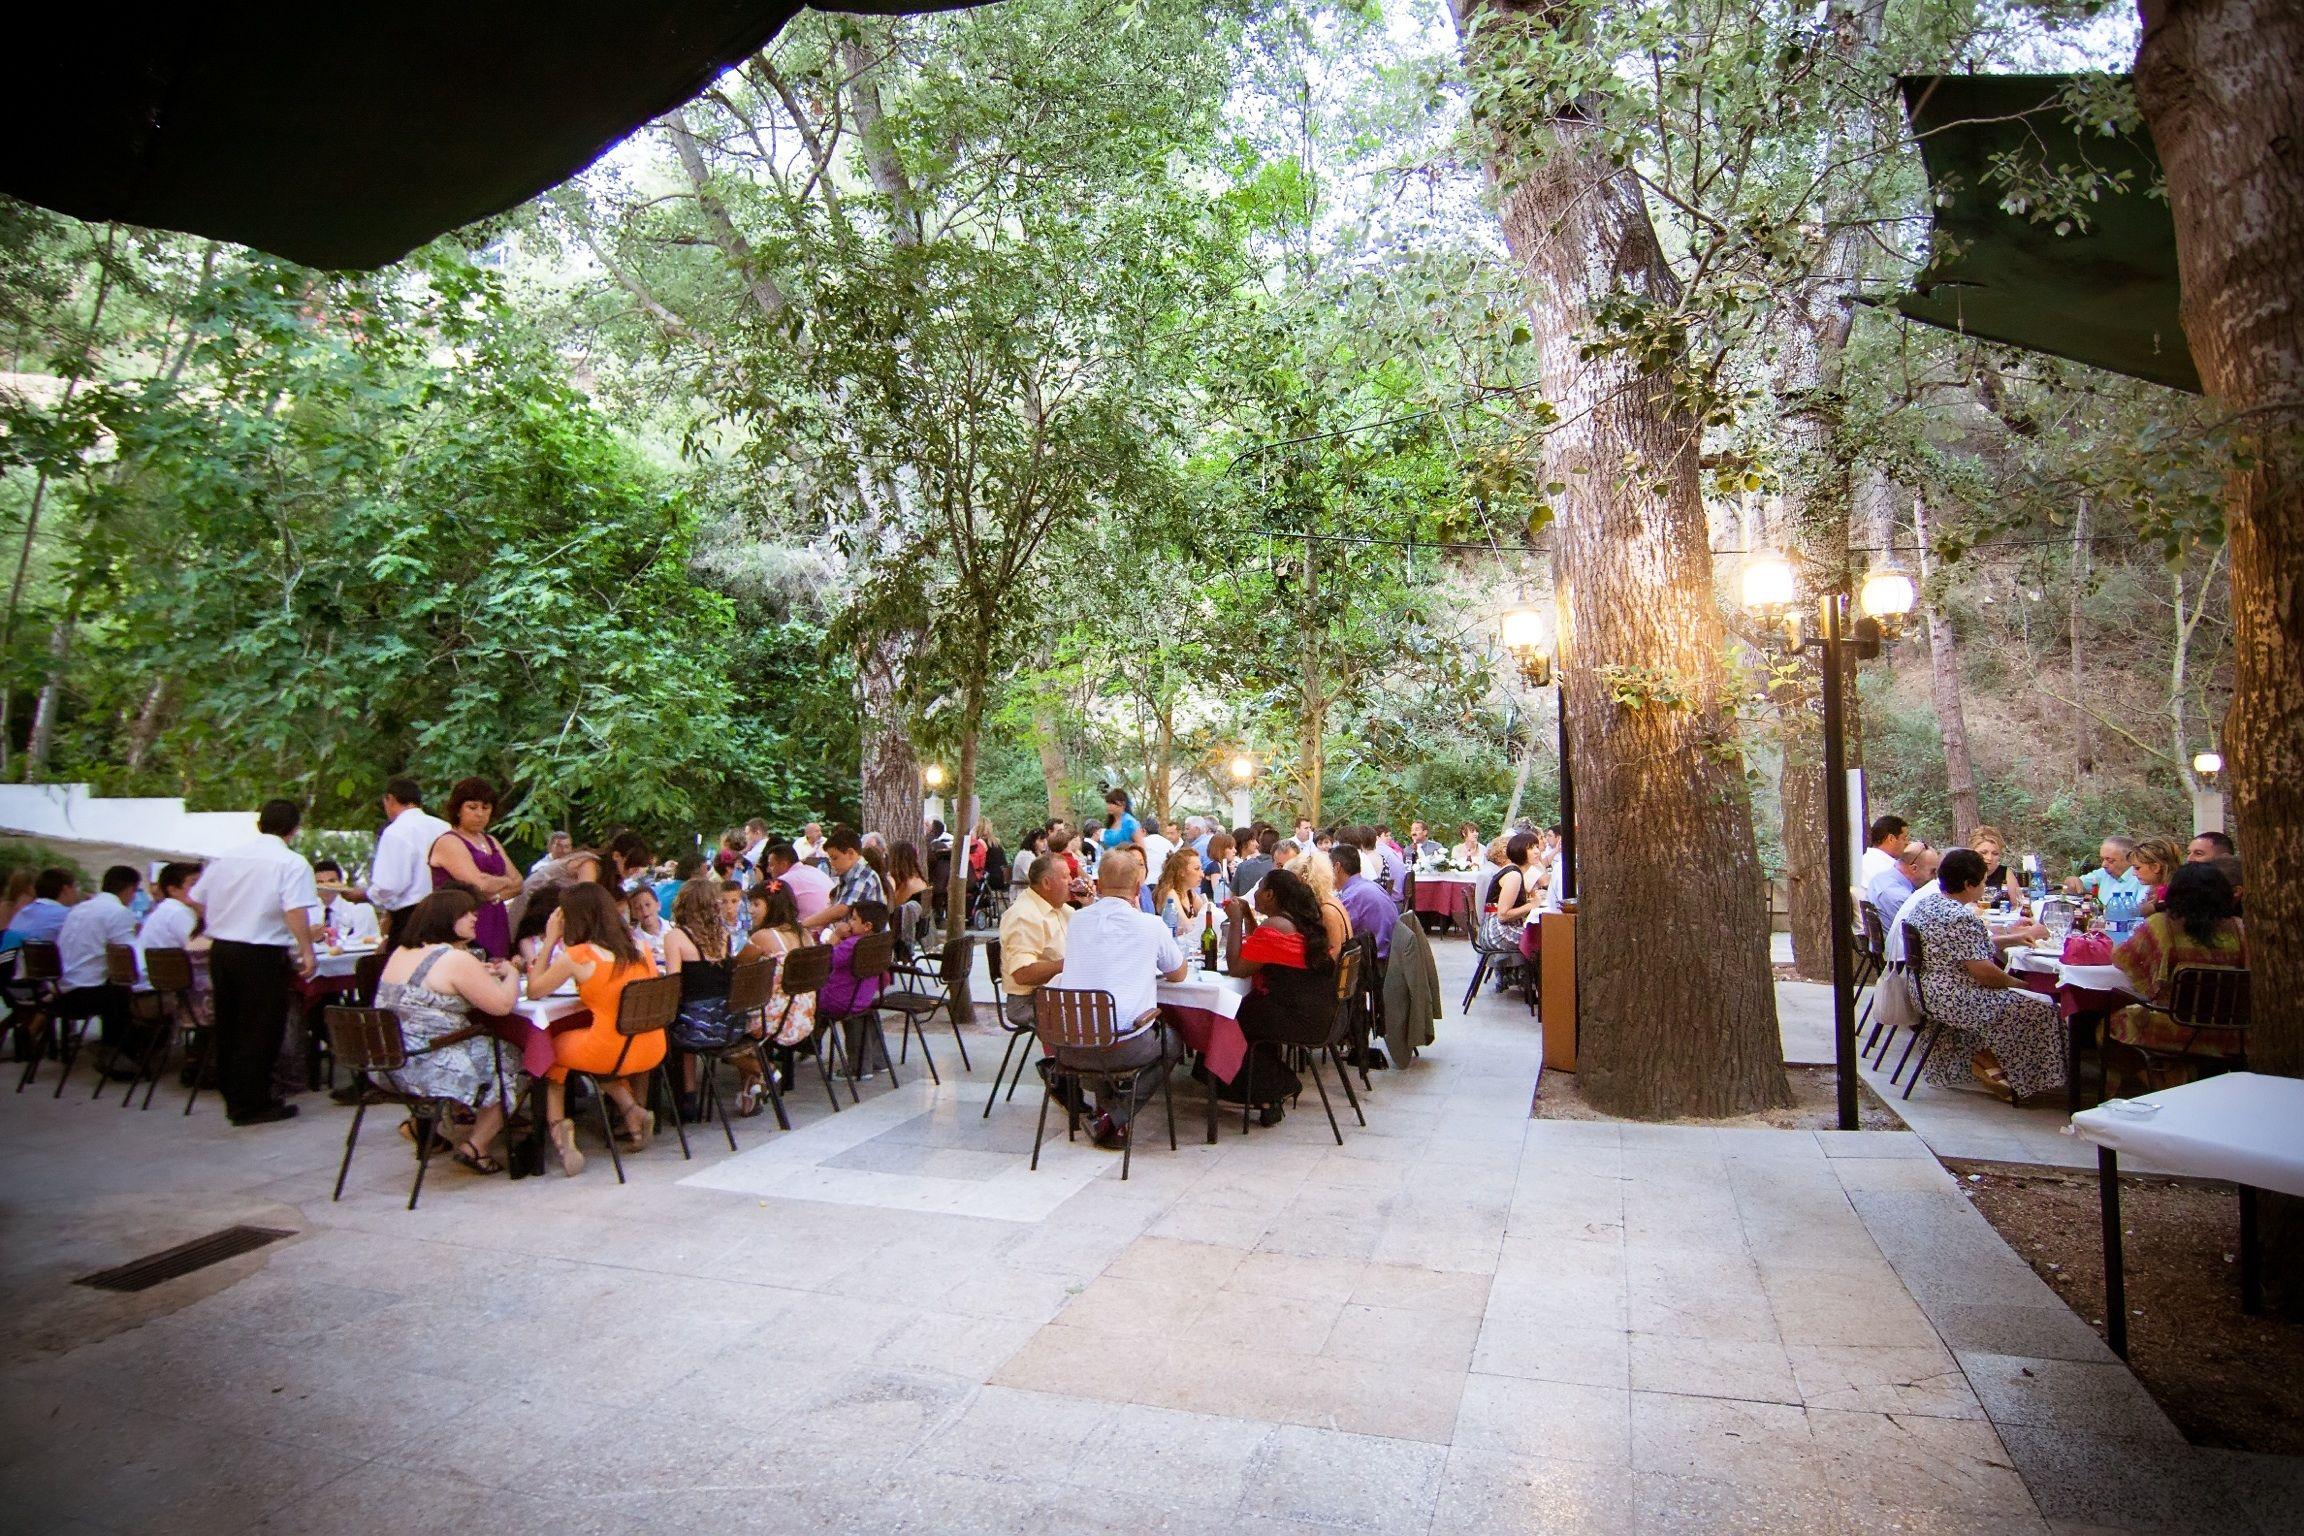 Restaurante Moli de Xirla, Alicante http://www.incuentra.es/restaurantes/en/comunidad-valenciana/alicante/polop/local/restaurante-moli-de-xirles #Terraza